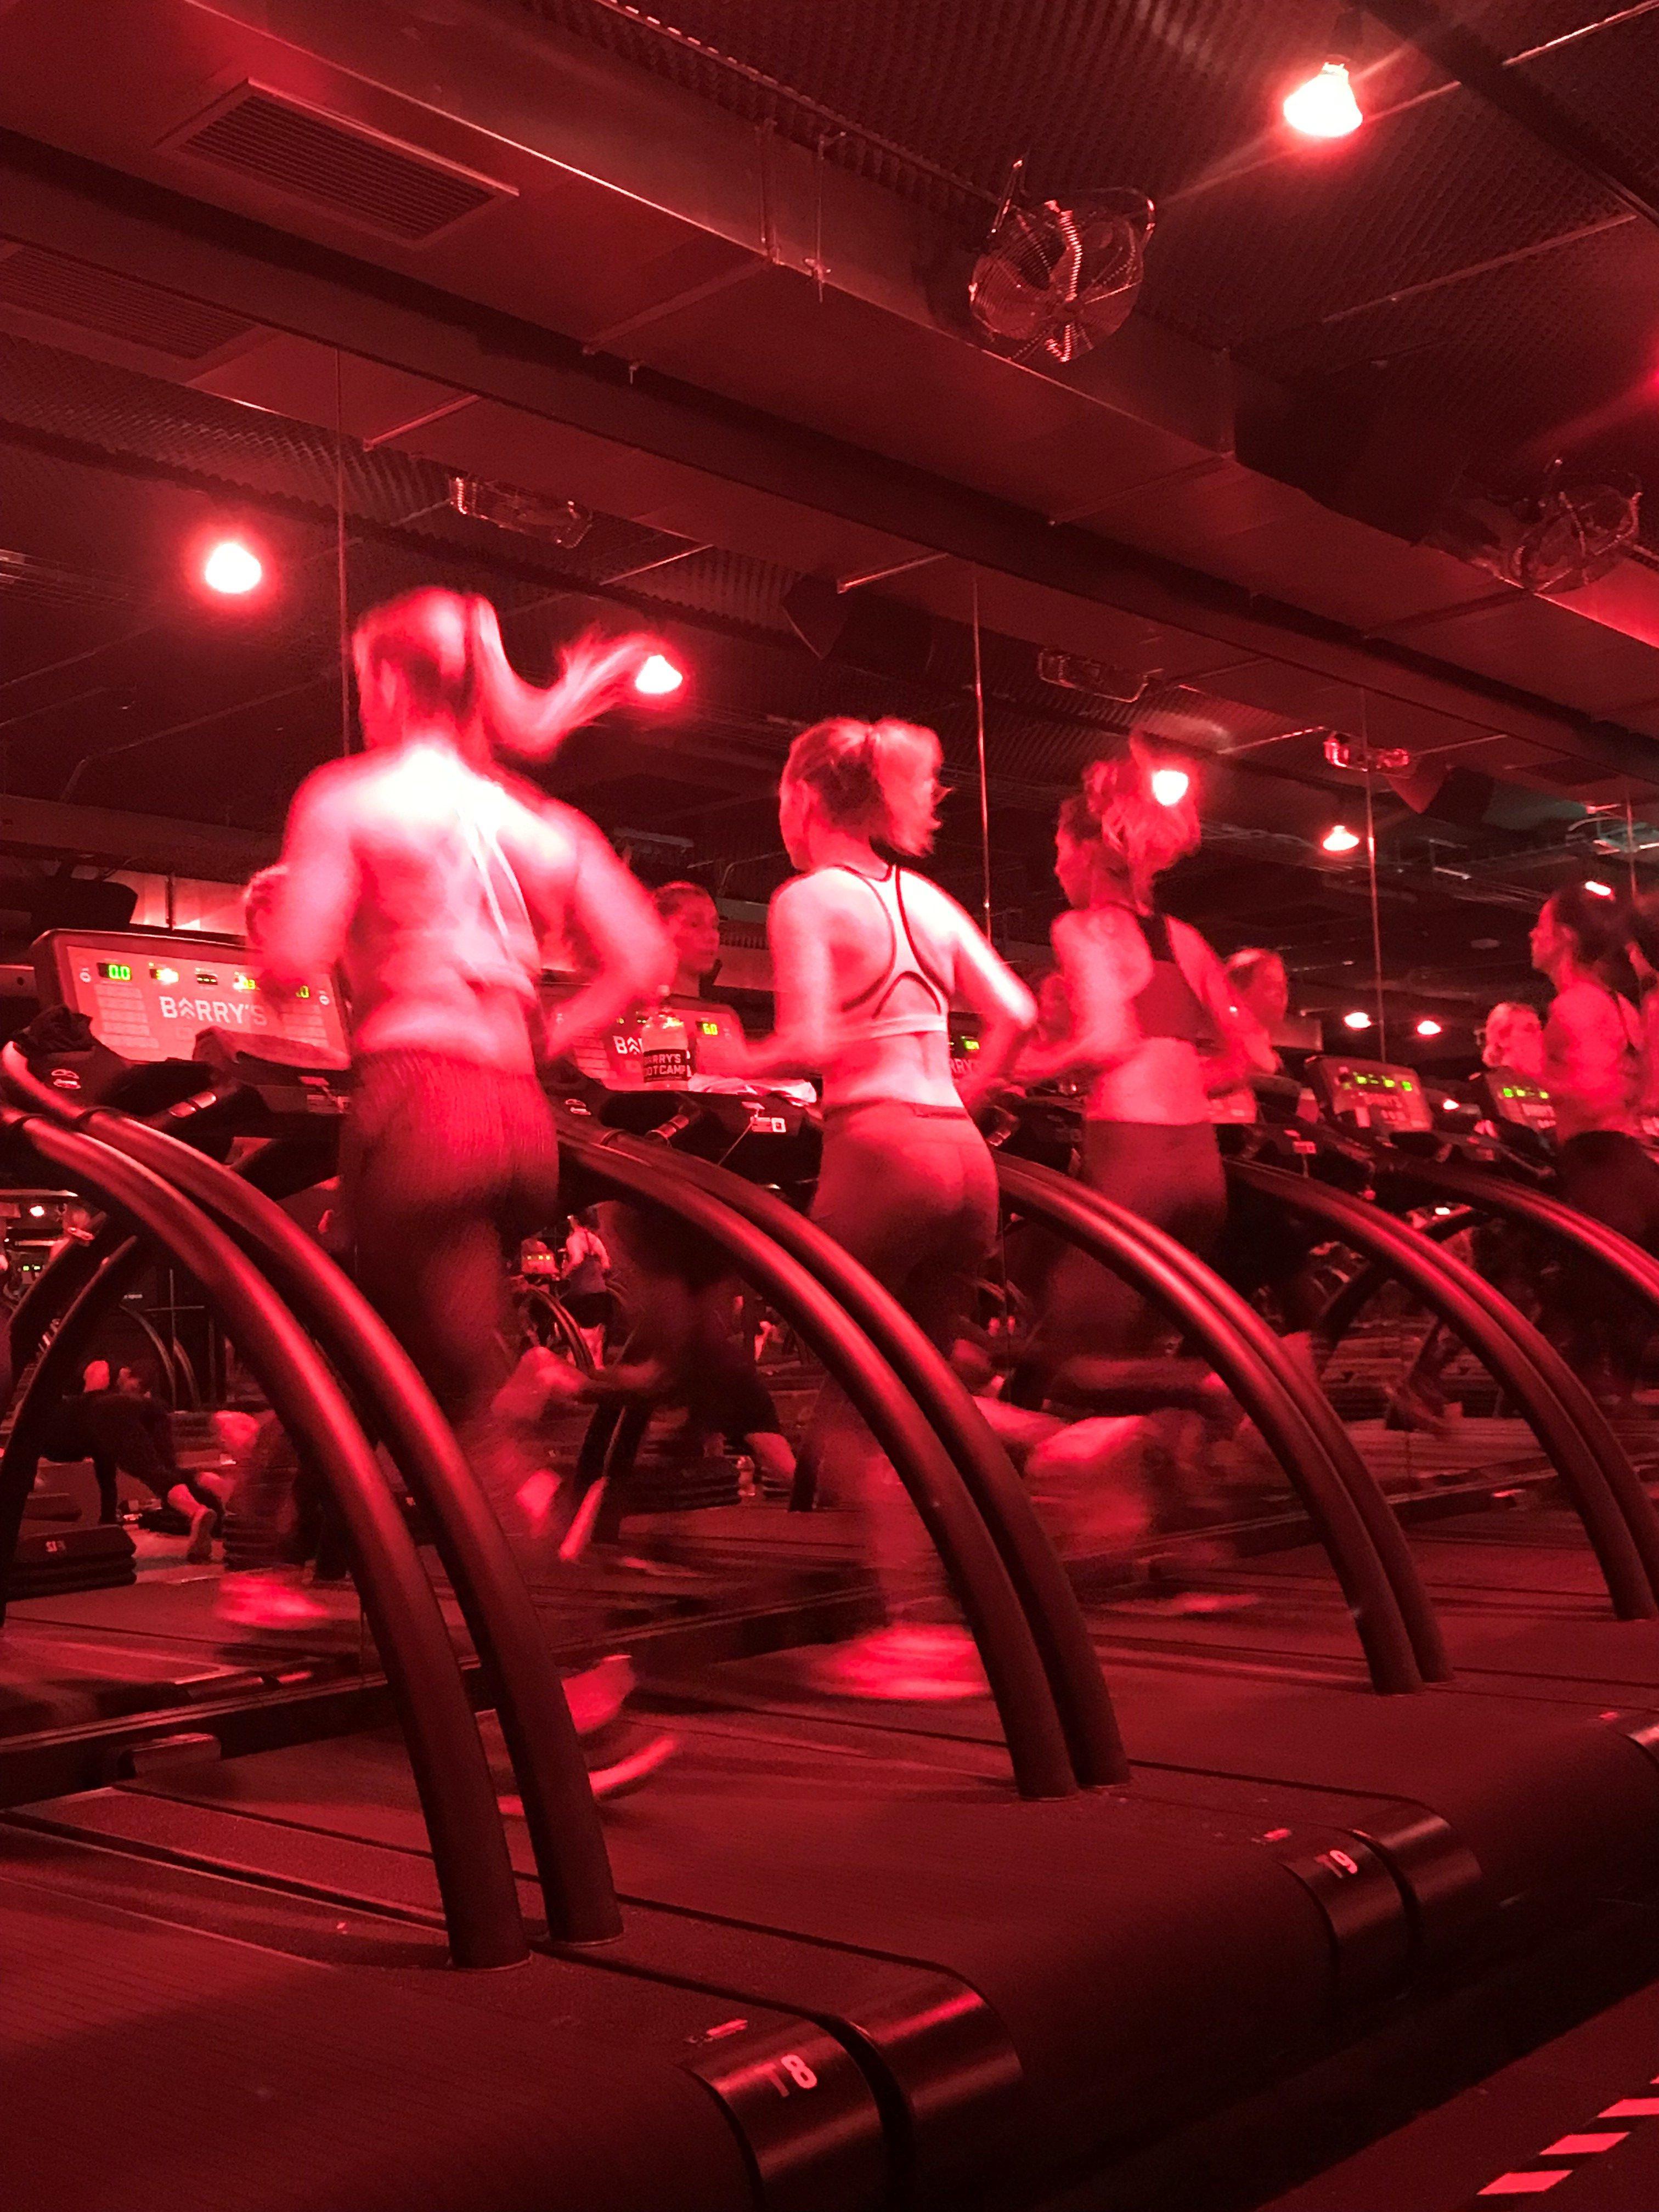 women running on treadmills